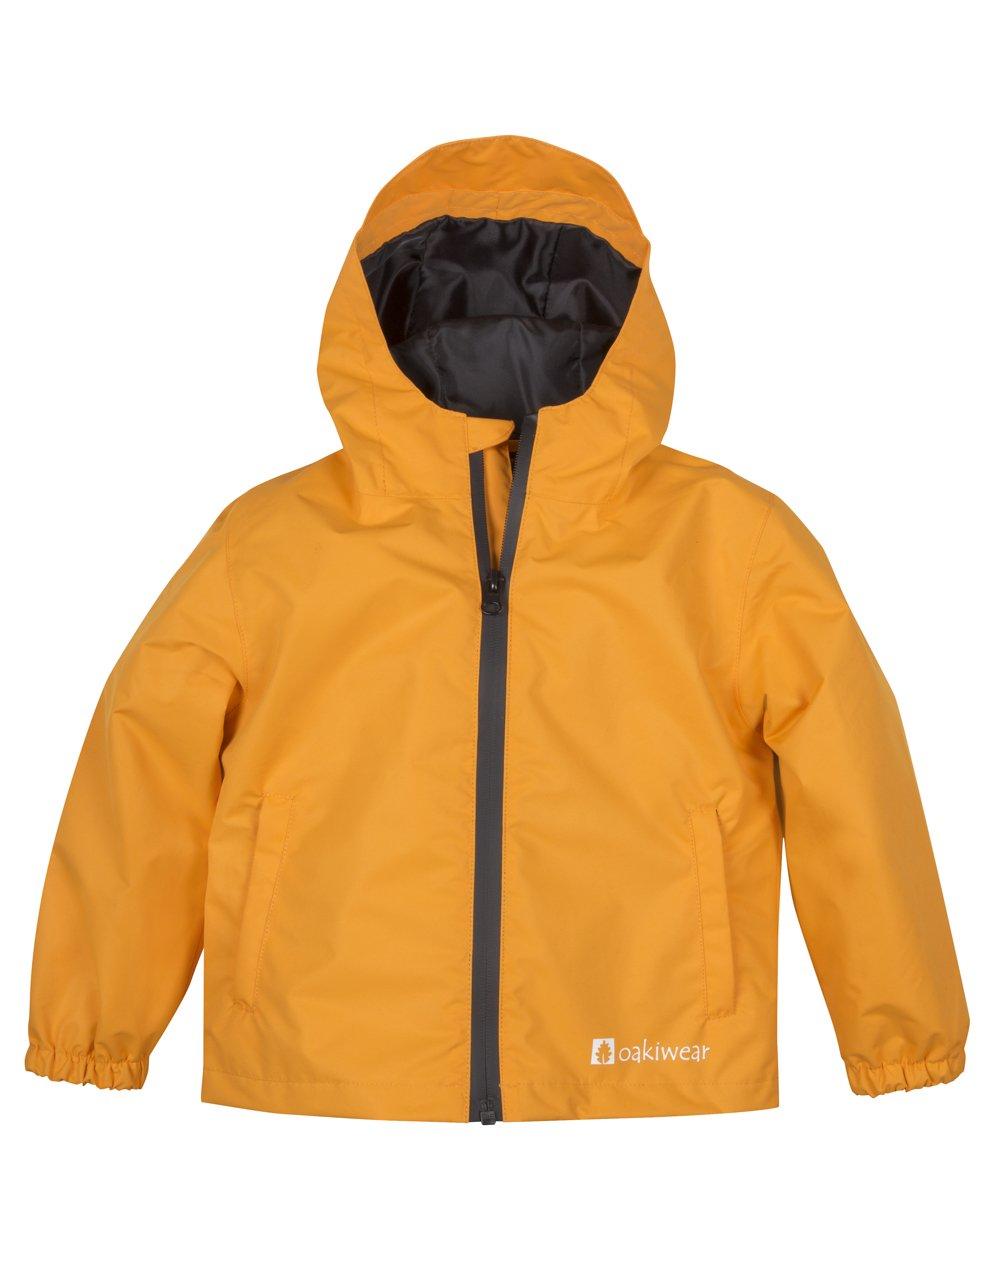 Oakiwear Kids Core Rain Jacket by Lava Orange 4/5 by Oakiwear